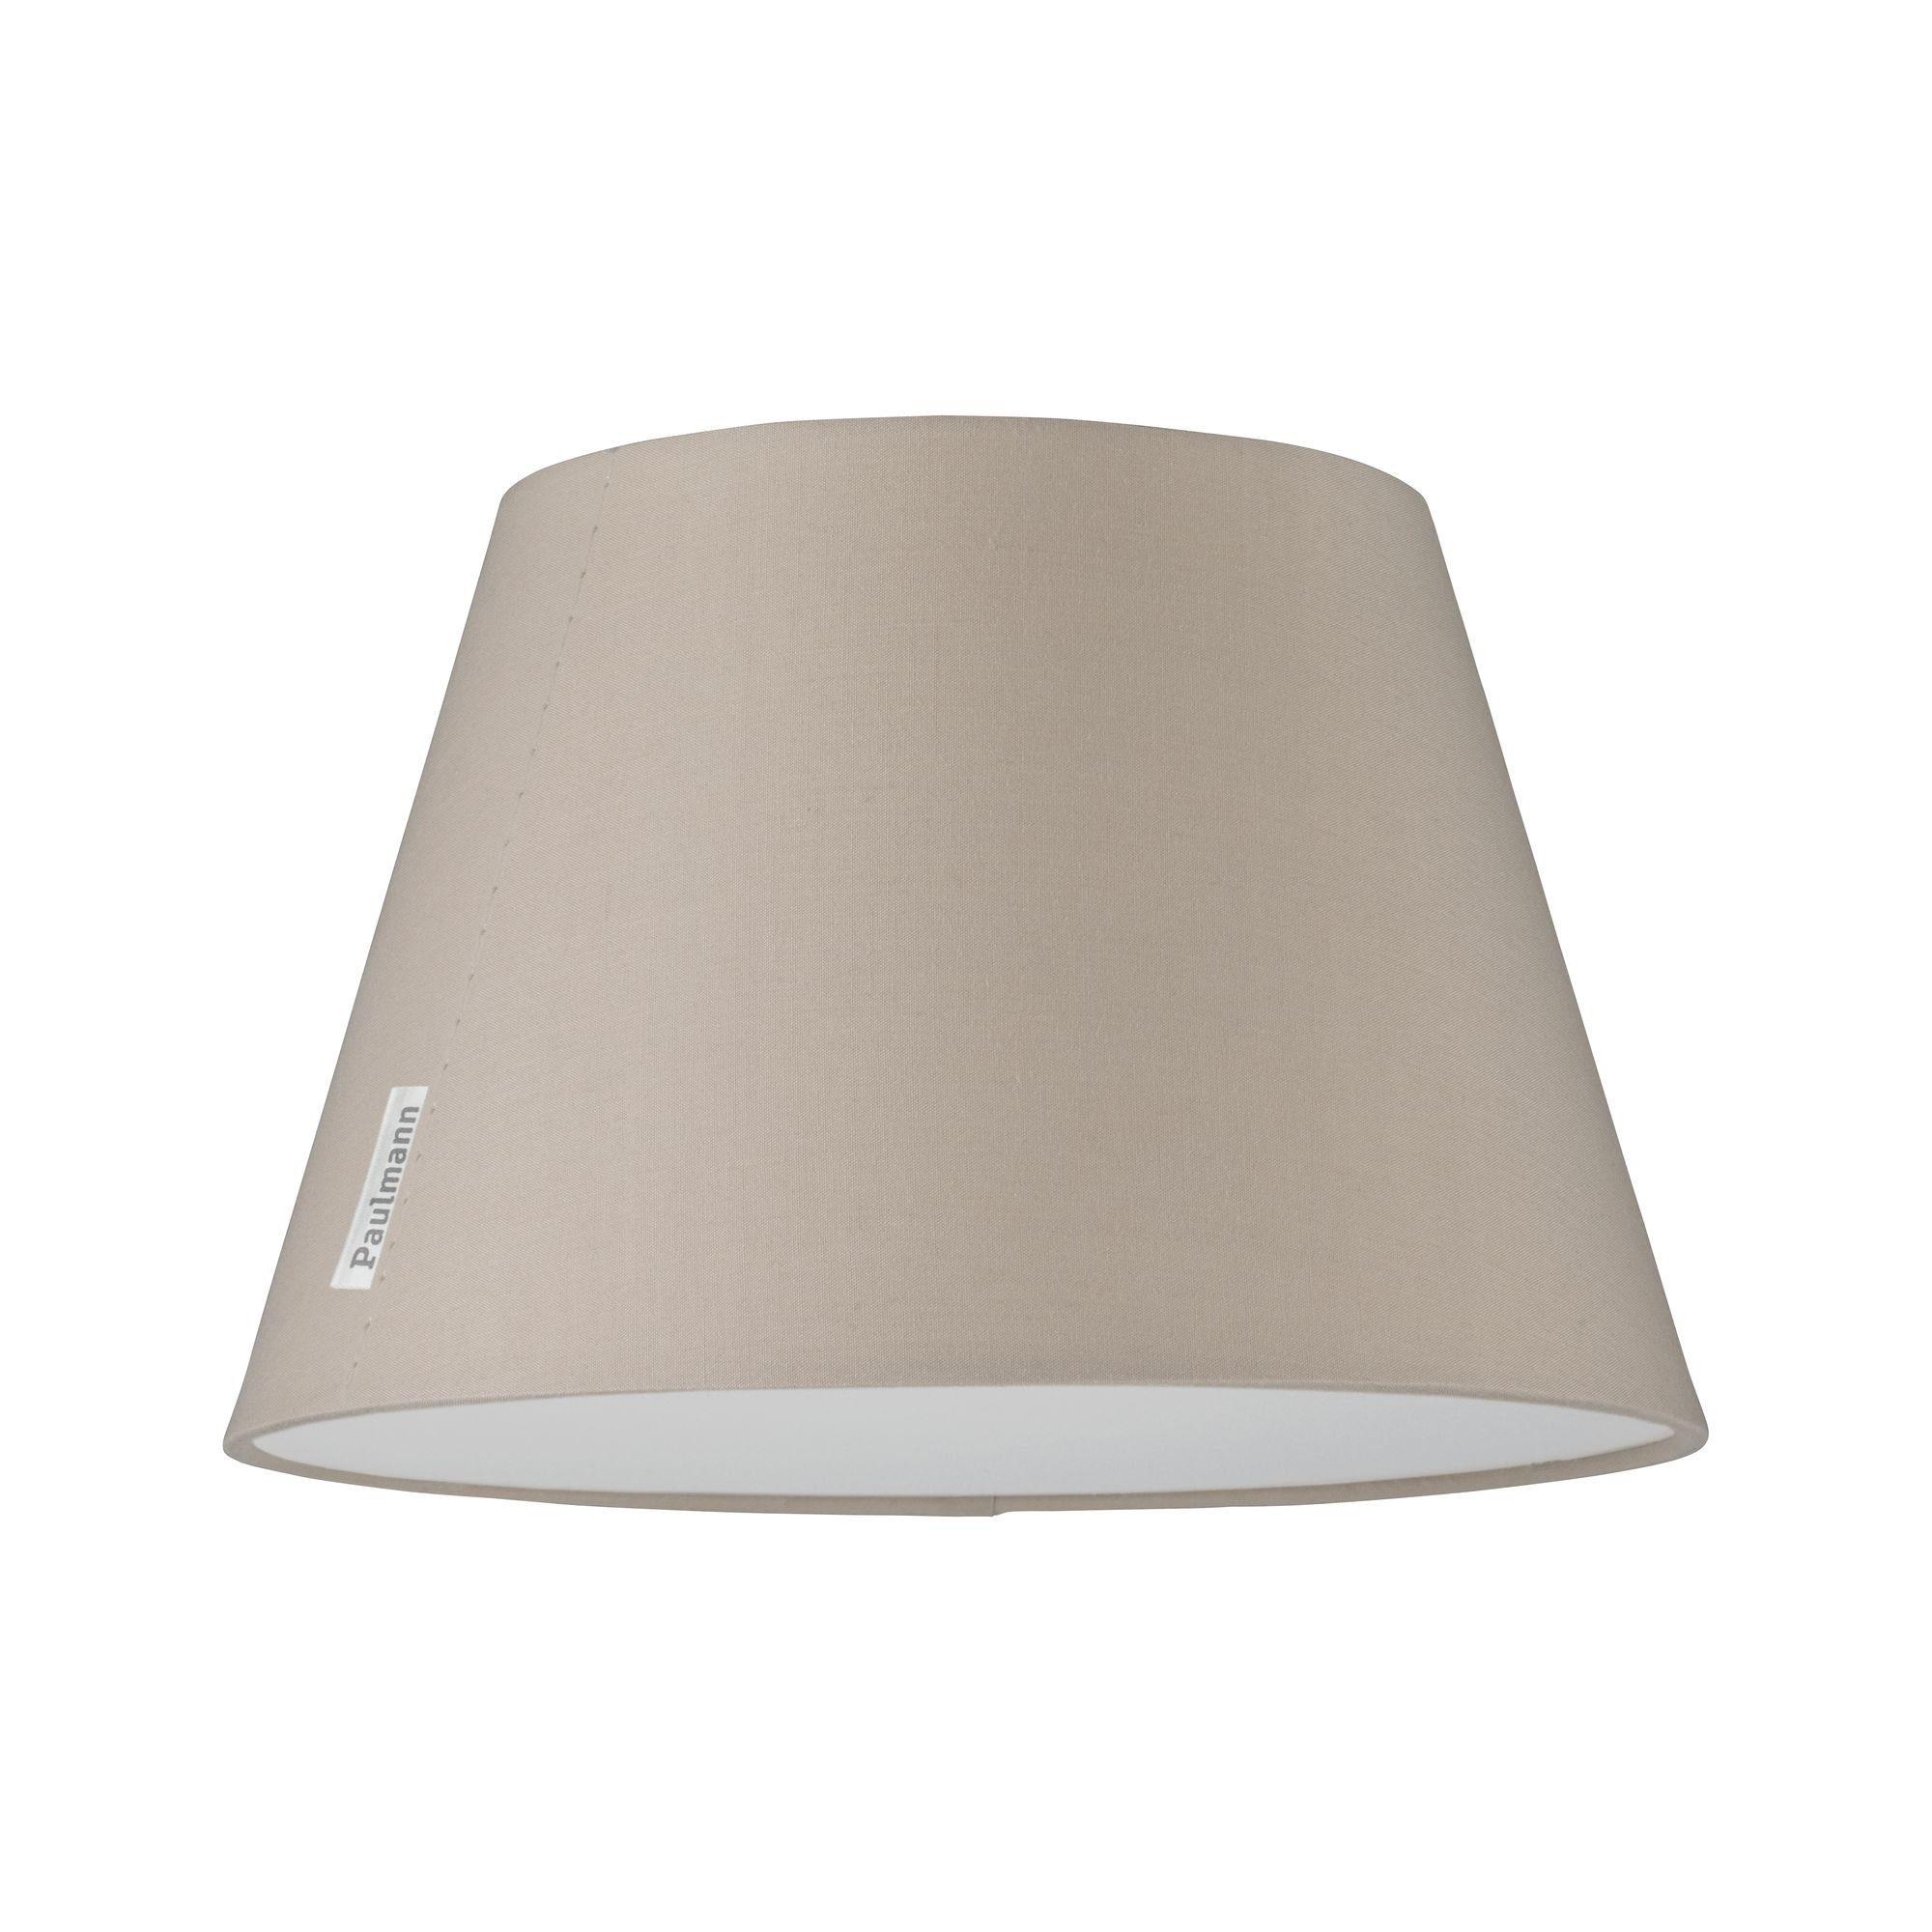 Paulmann,LED Deckenleuchte Mea Beige mit Stoffschirm Durchmesser 25 cm max. 20W E14